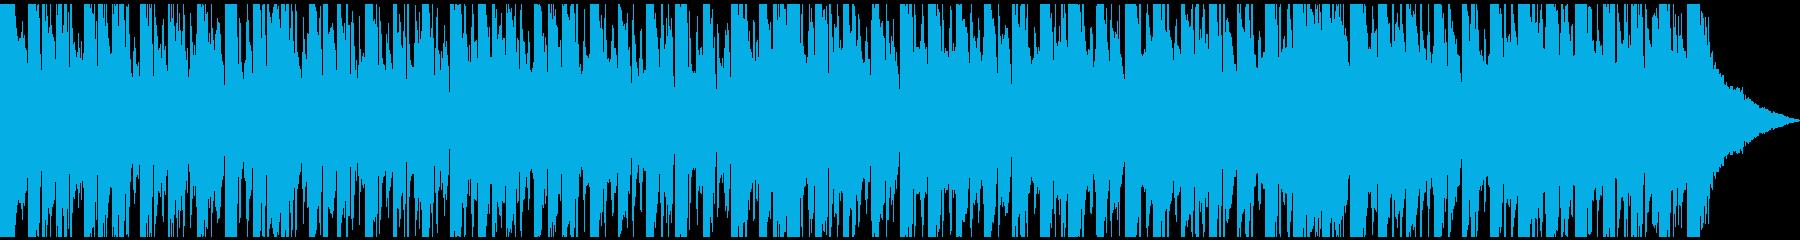 ポジティブで適度にエネルギッシュな...の再生済みの波形